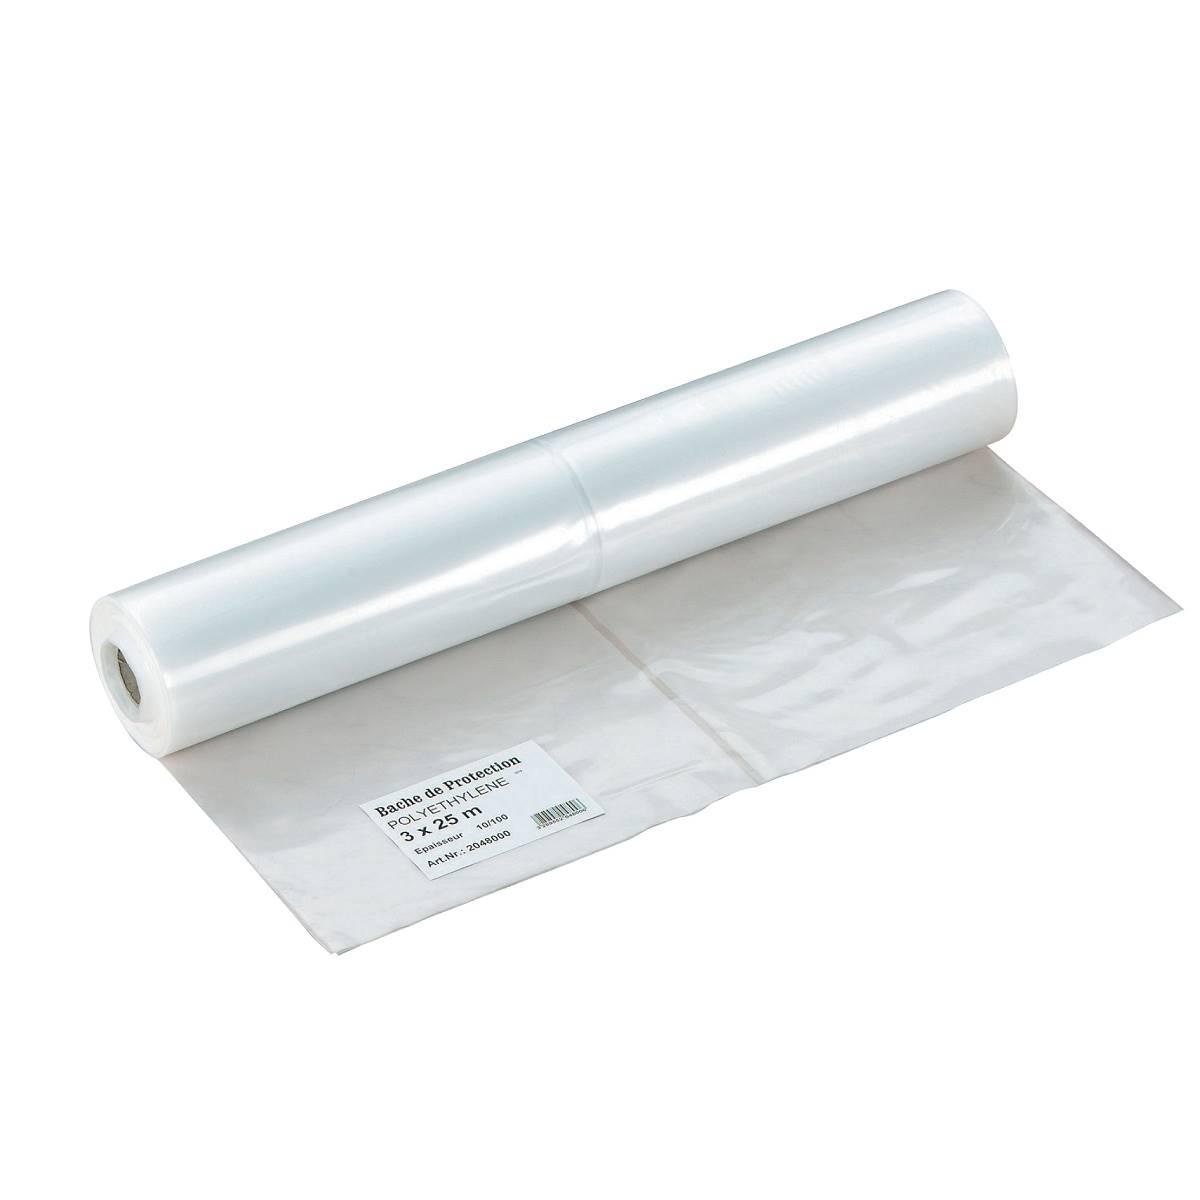 Vente en ligne rouleaux bache protection 3m x 25m 5 100 me - Rouleau bache de protection ...